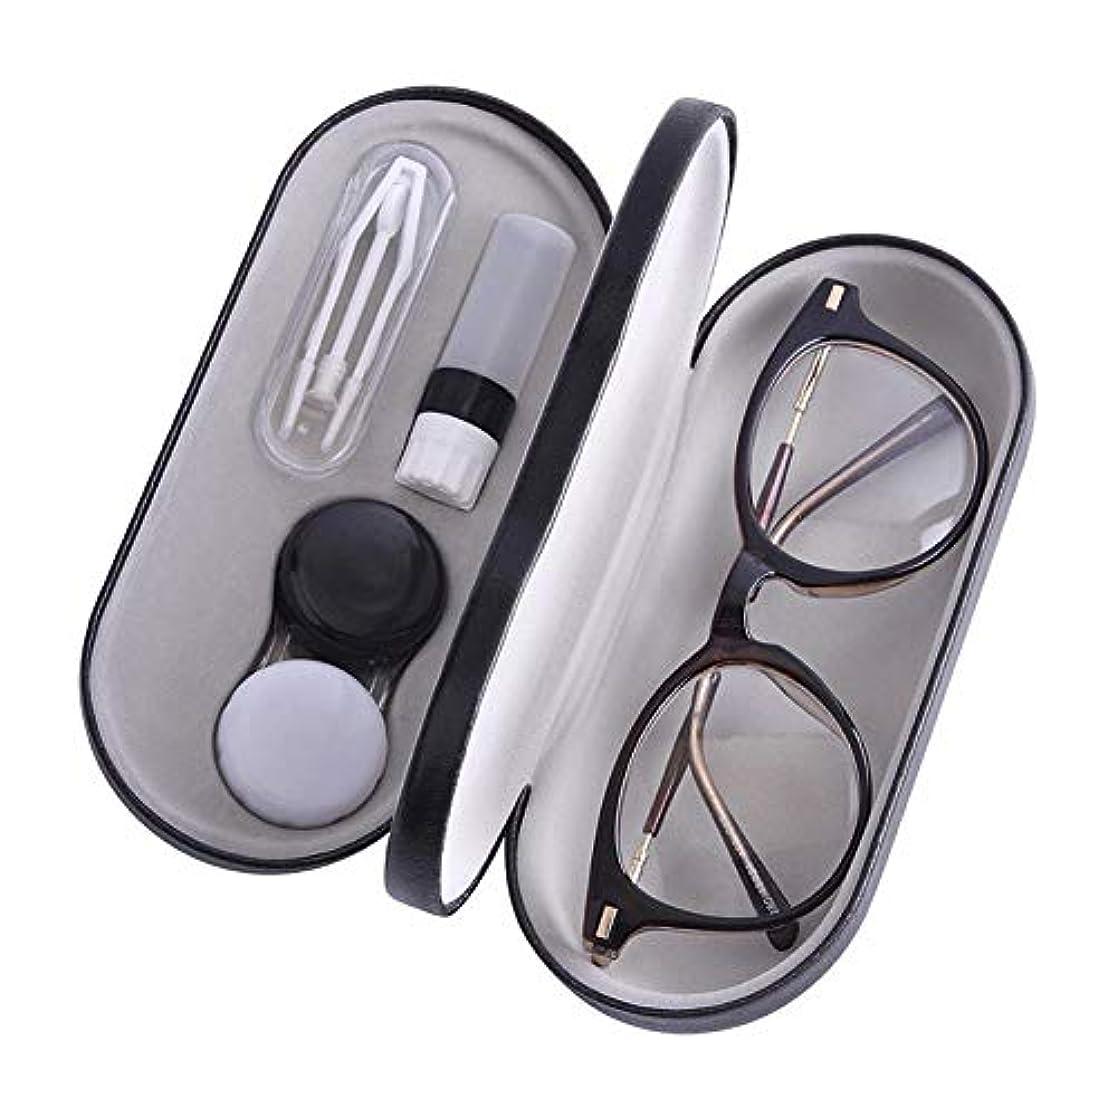 腐った試してみる世辞コンタクトレンズケーストラベルホームイノベーション両面メガネ収納ボックストラベルセットボックス携帯しやすいミニボックスコンテナコンタクトレンズフレーム